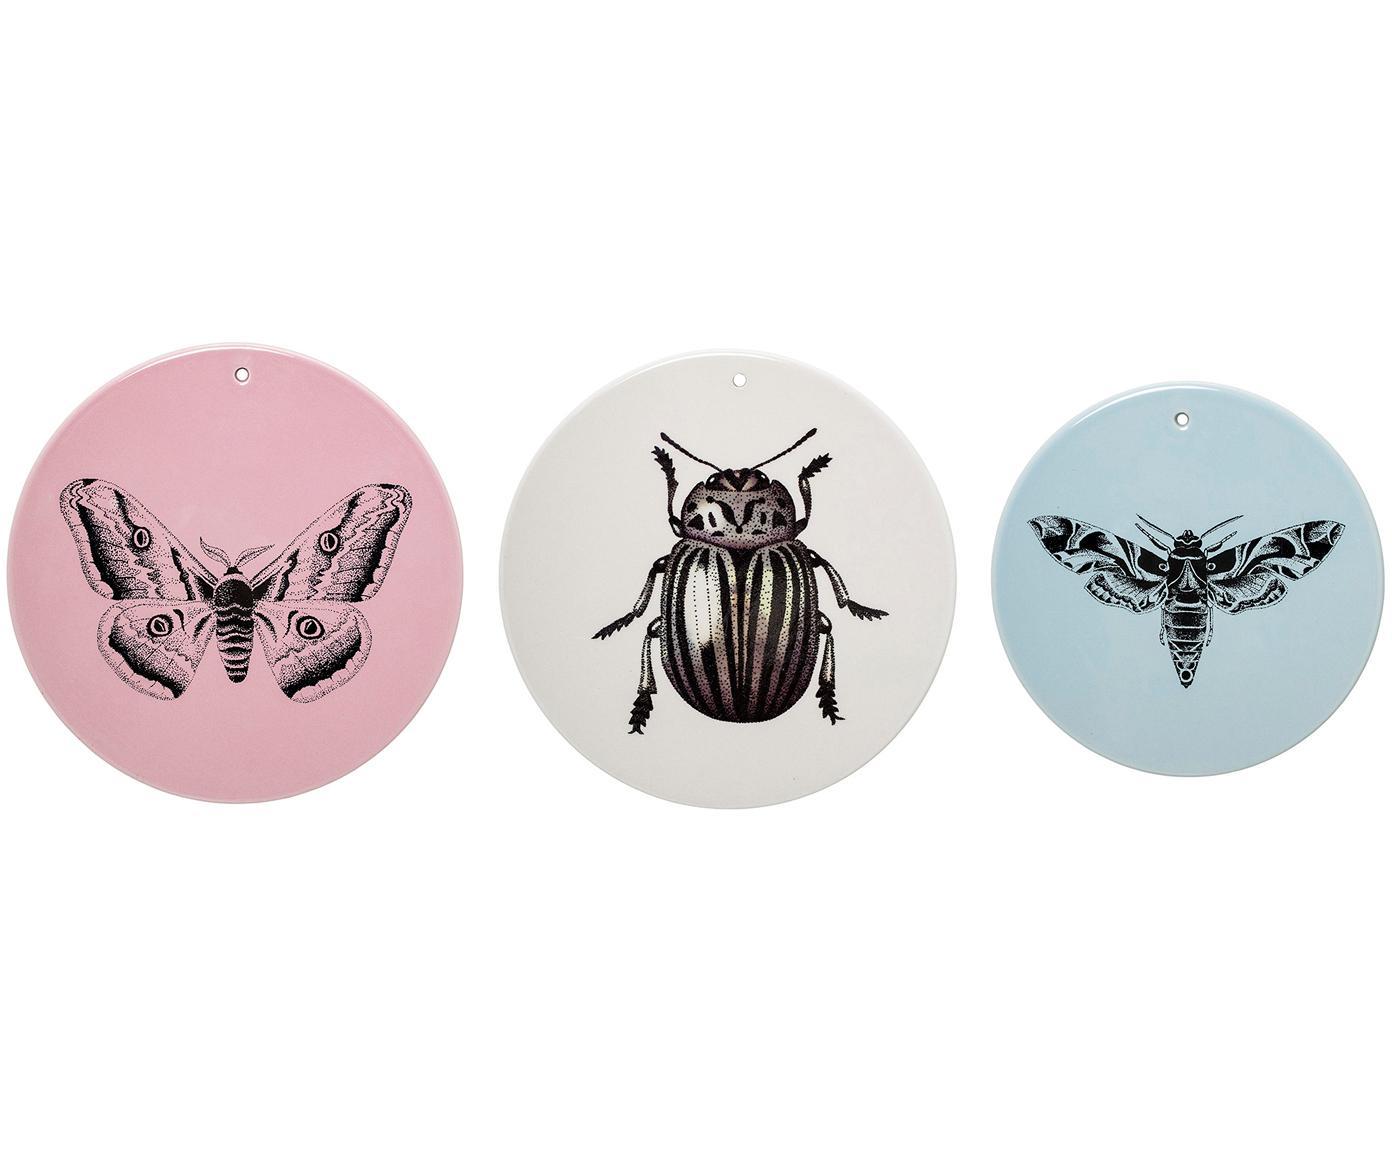 Wandobjekt-Set Fauna aus Steingut, 3-tlg., Steingut, Rosa, Beige, Blau, Verschiedene Grössen